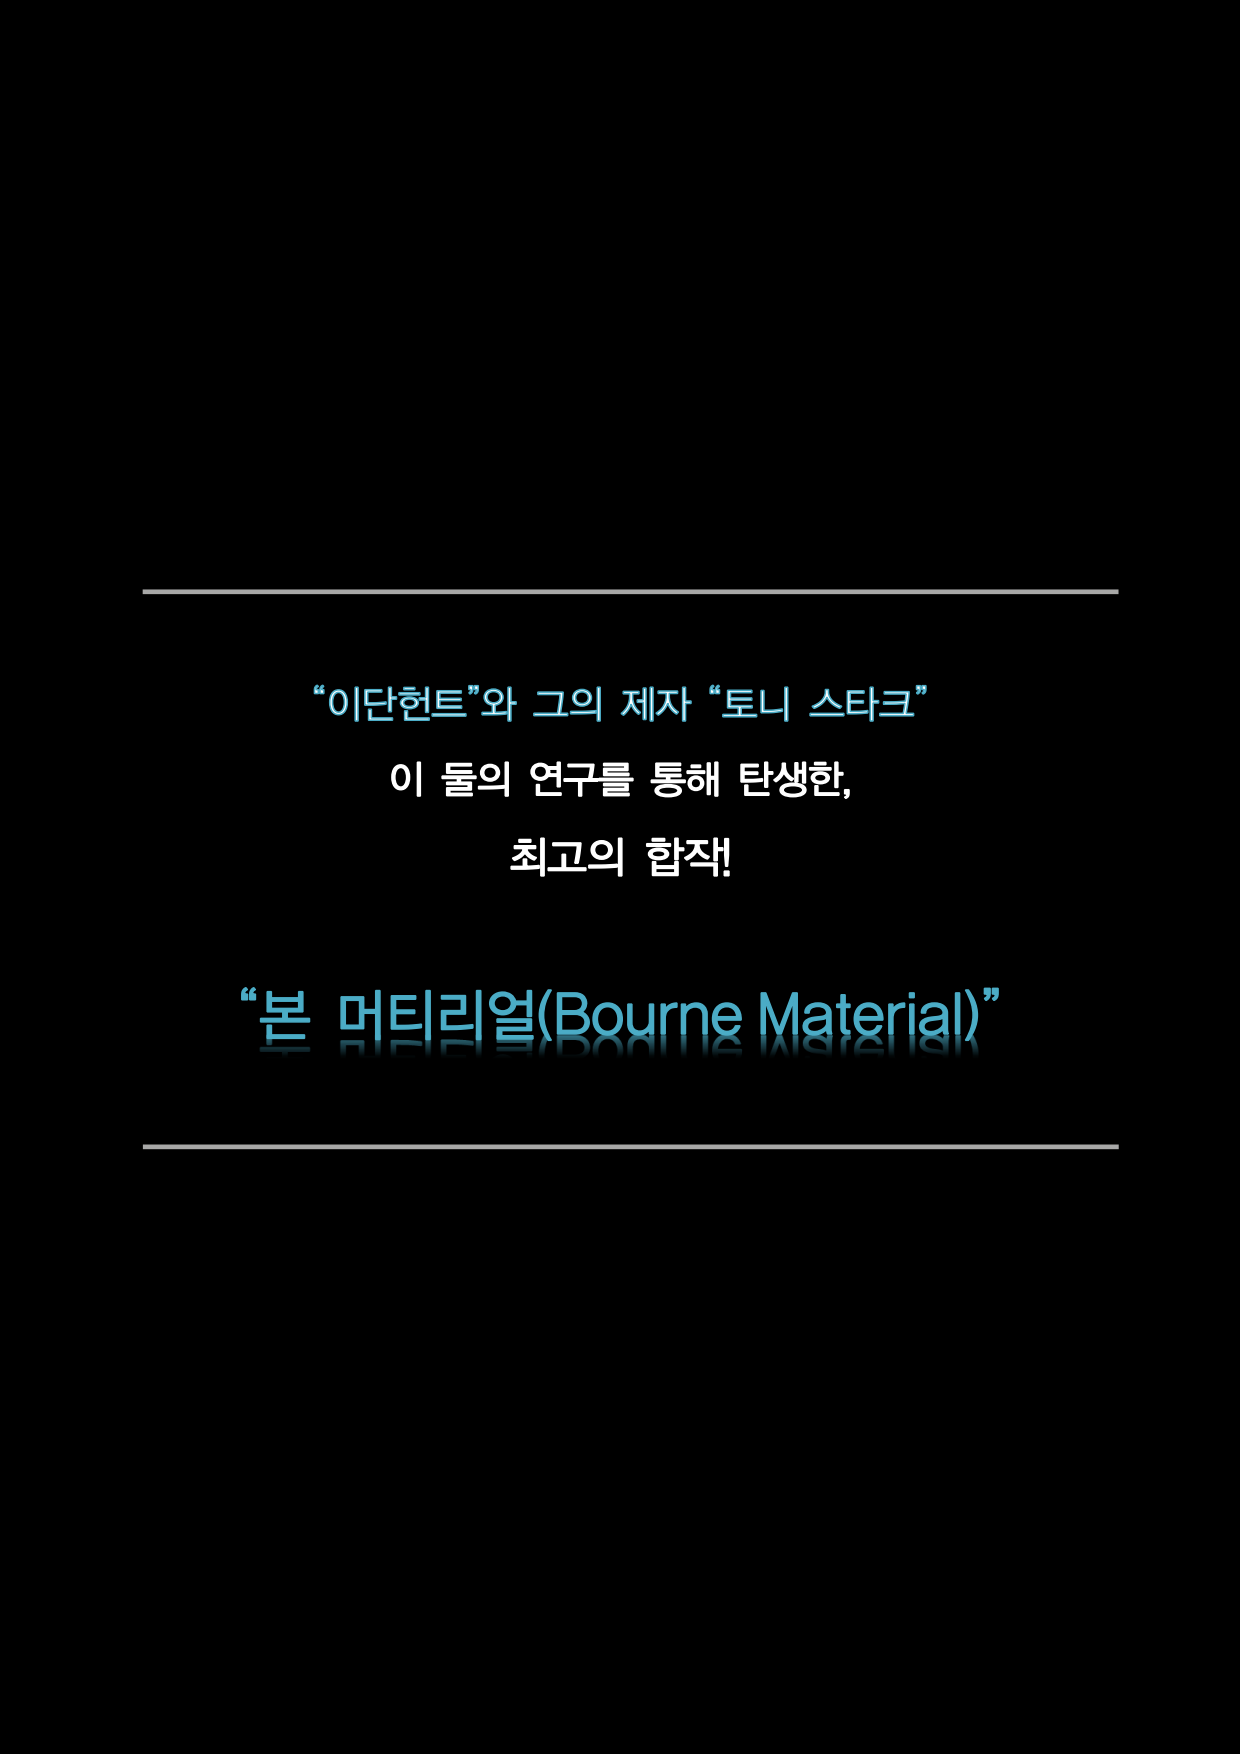 본 머티리어 1회차 홍보글 v3(수강후기 따로 편집요함)_04.png